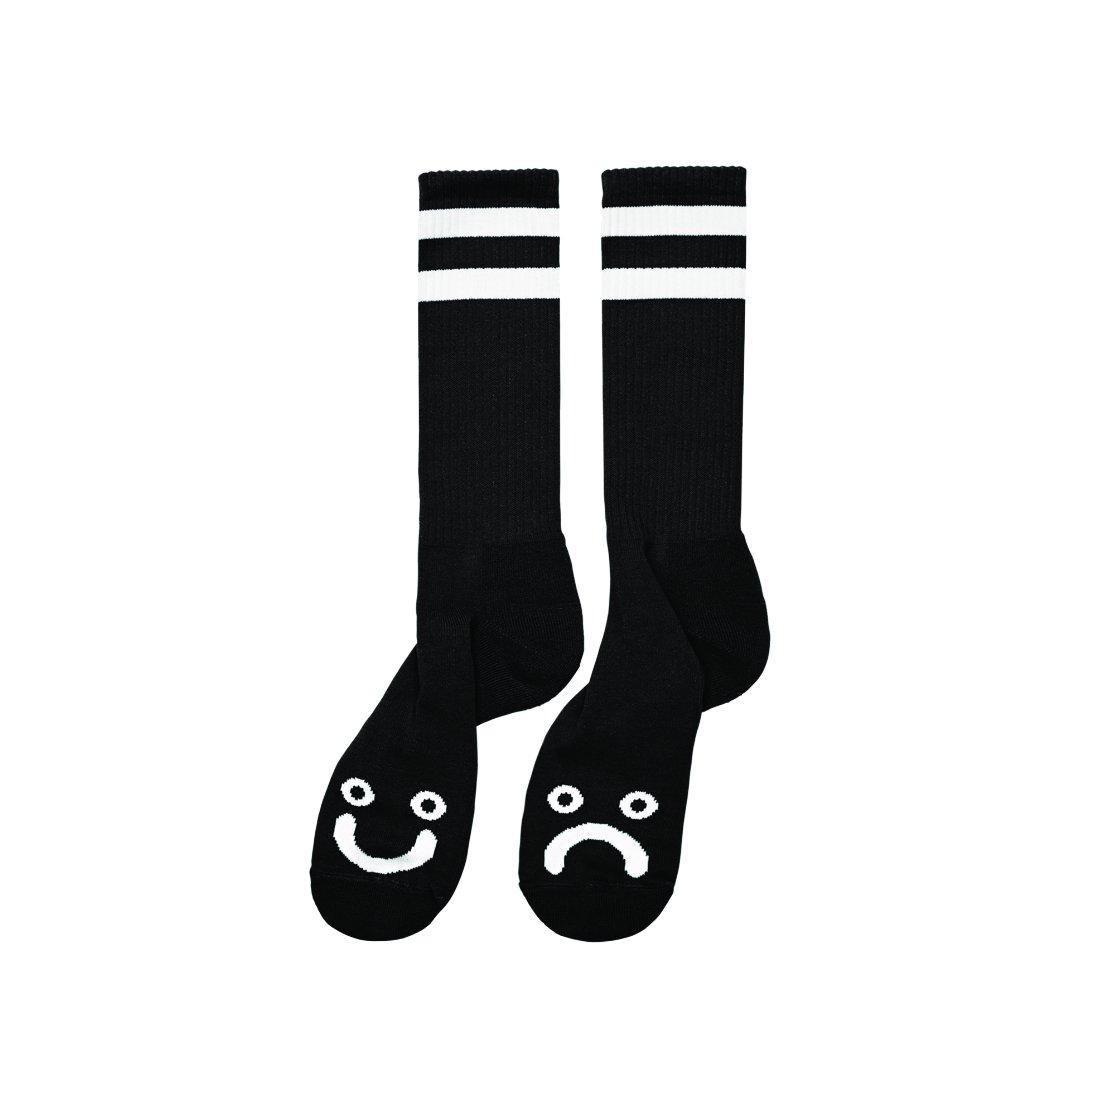 【POLAR SKATE CO.】Happy sad socks - Black Long